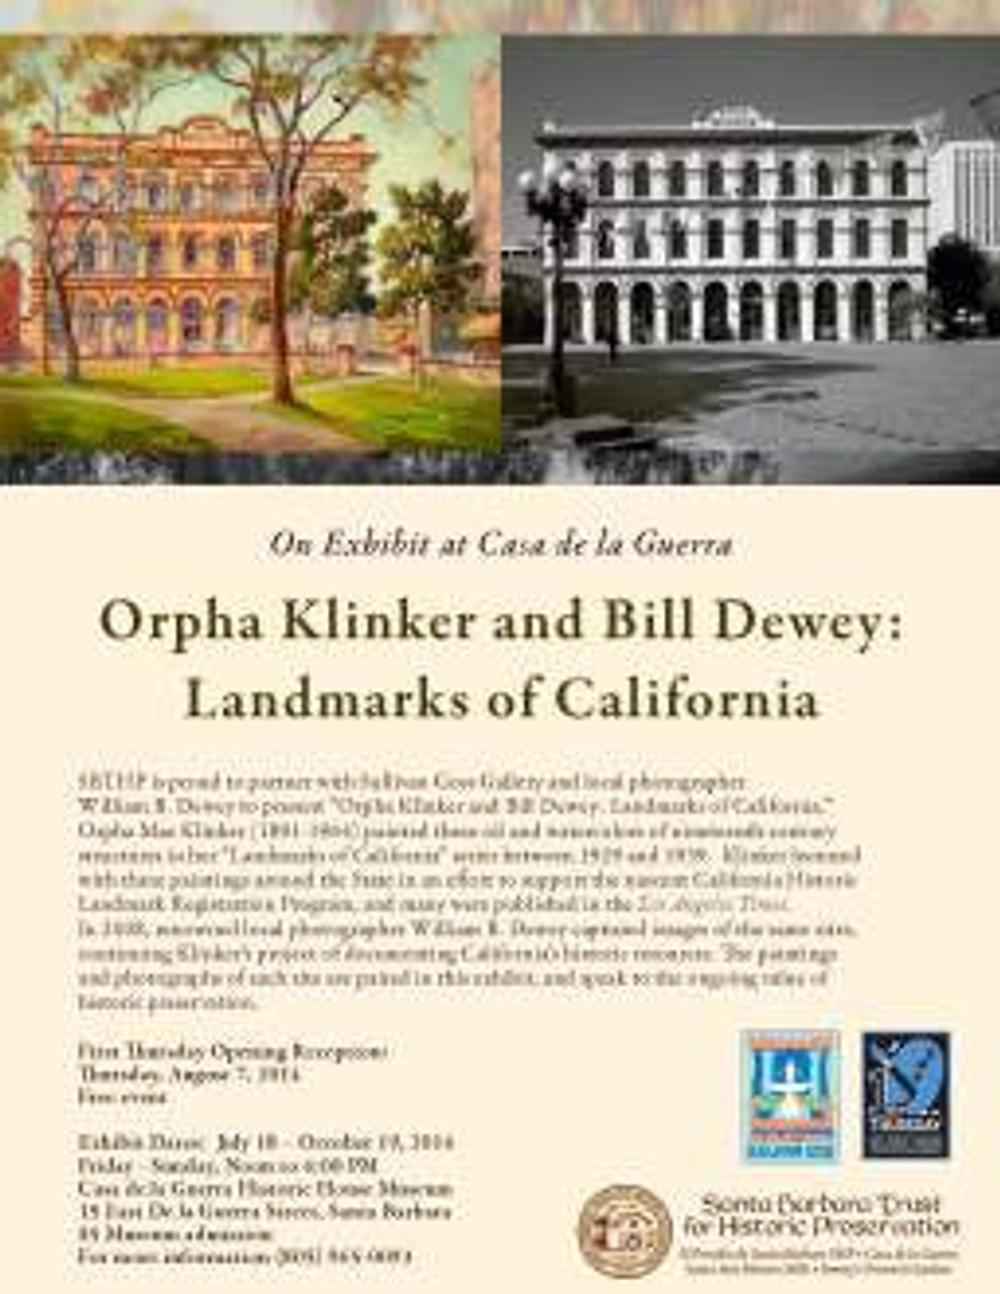 Klinker and Dewey flyer